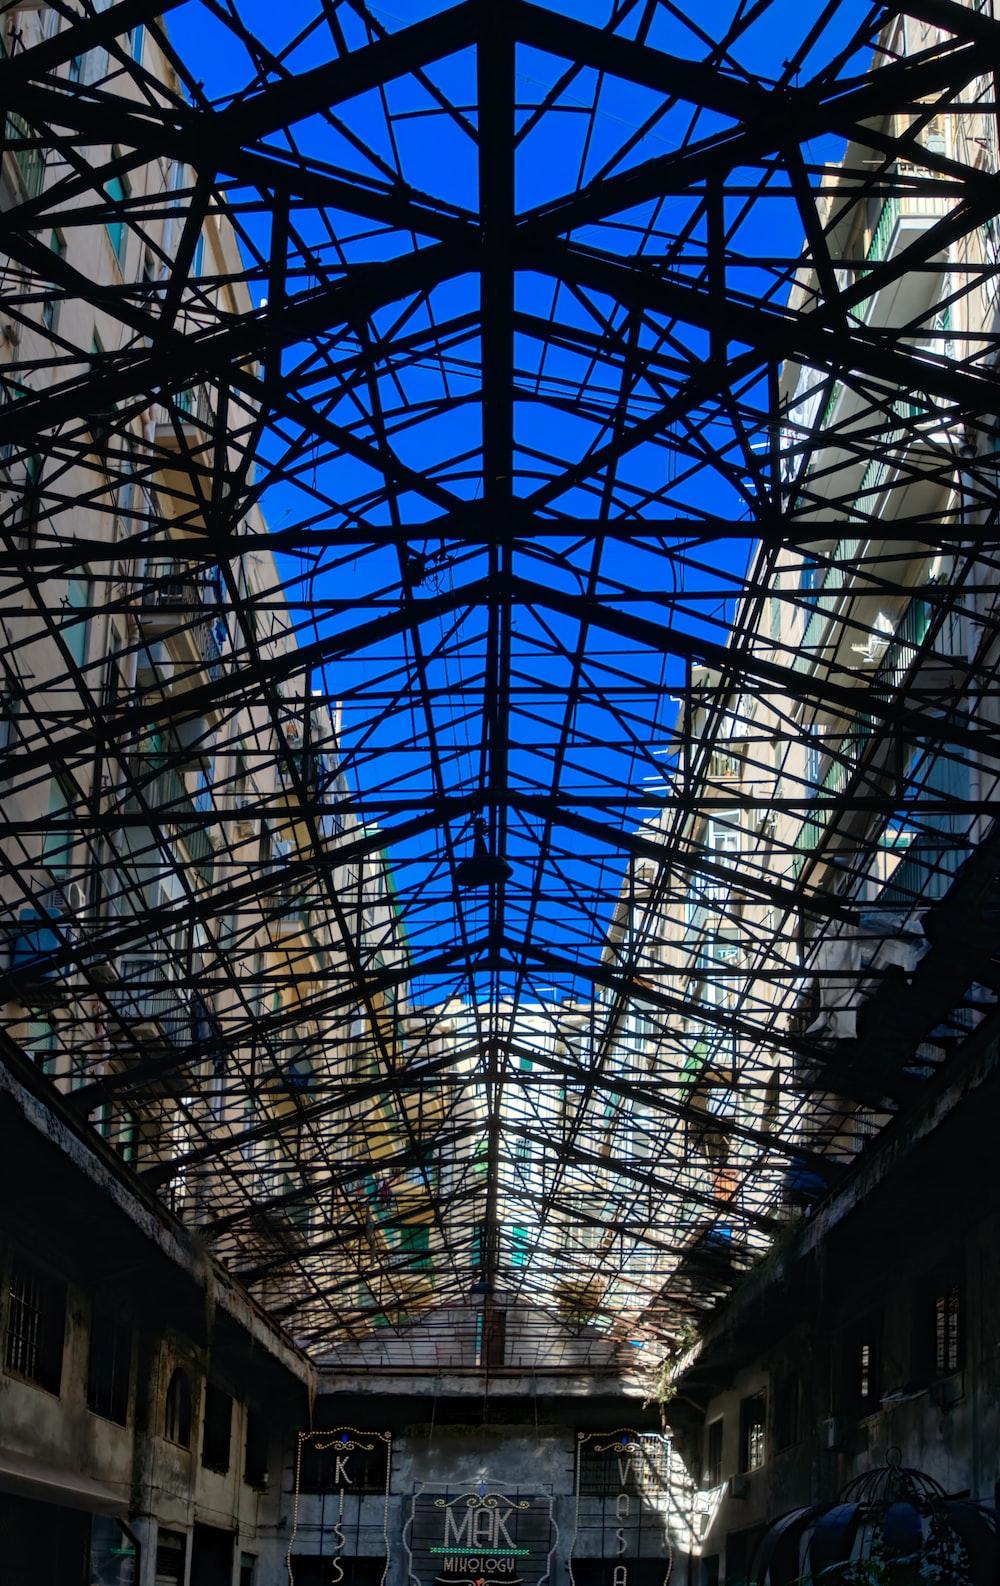 black metal framed glass roof